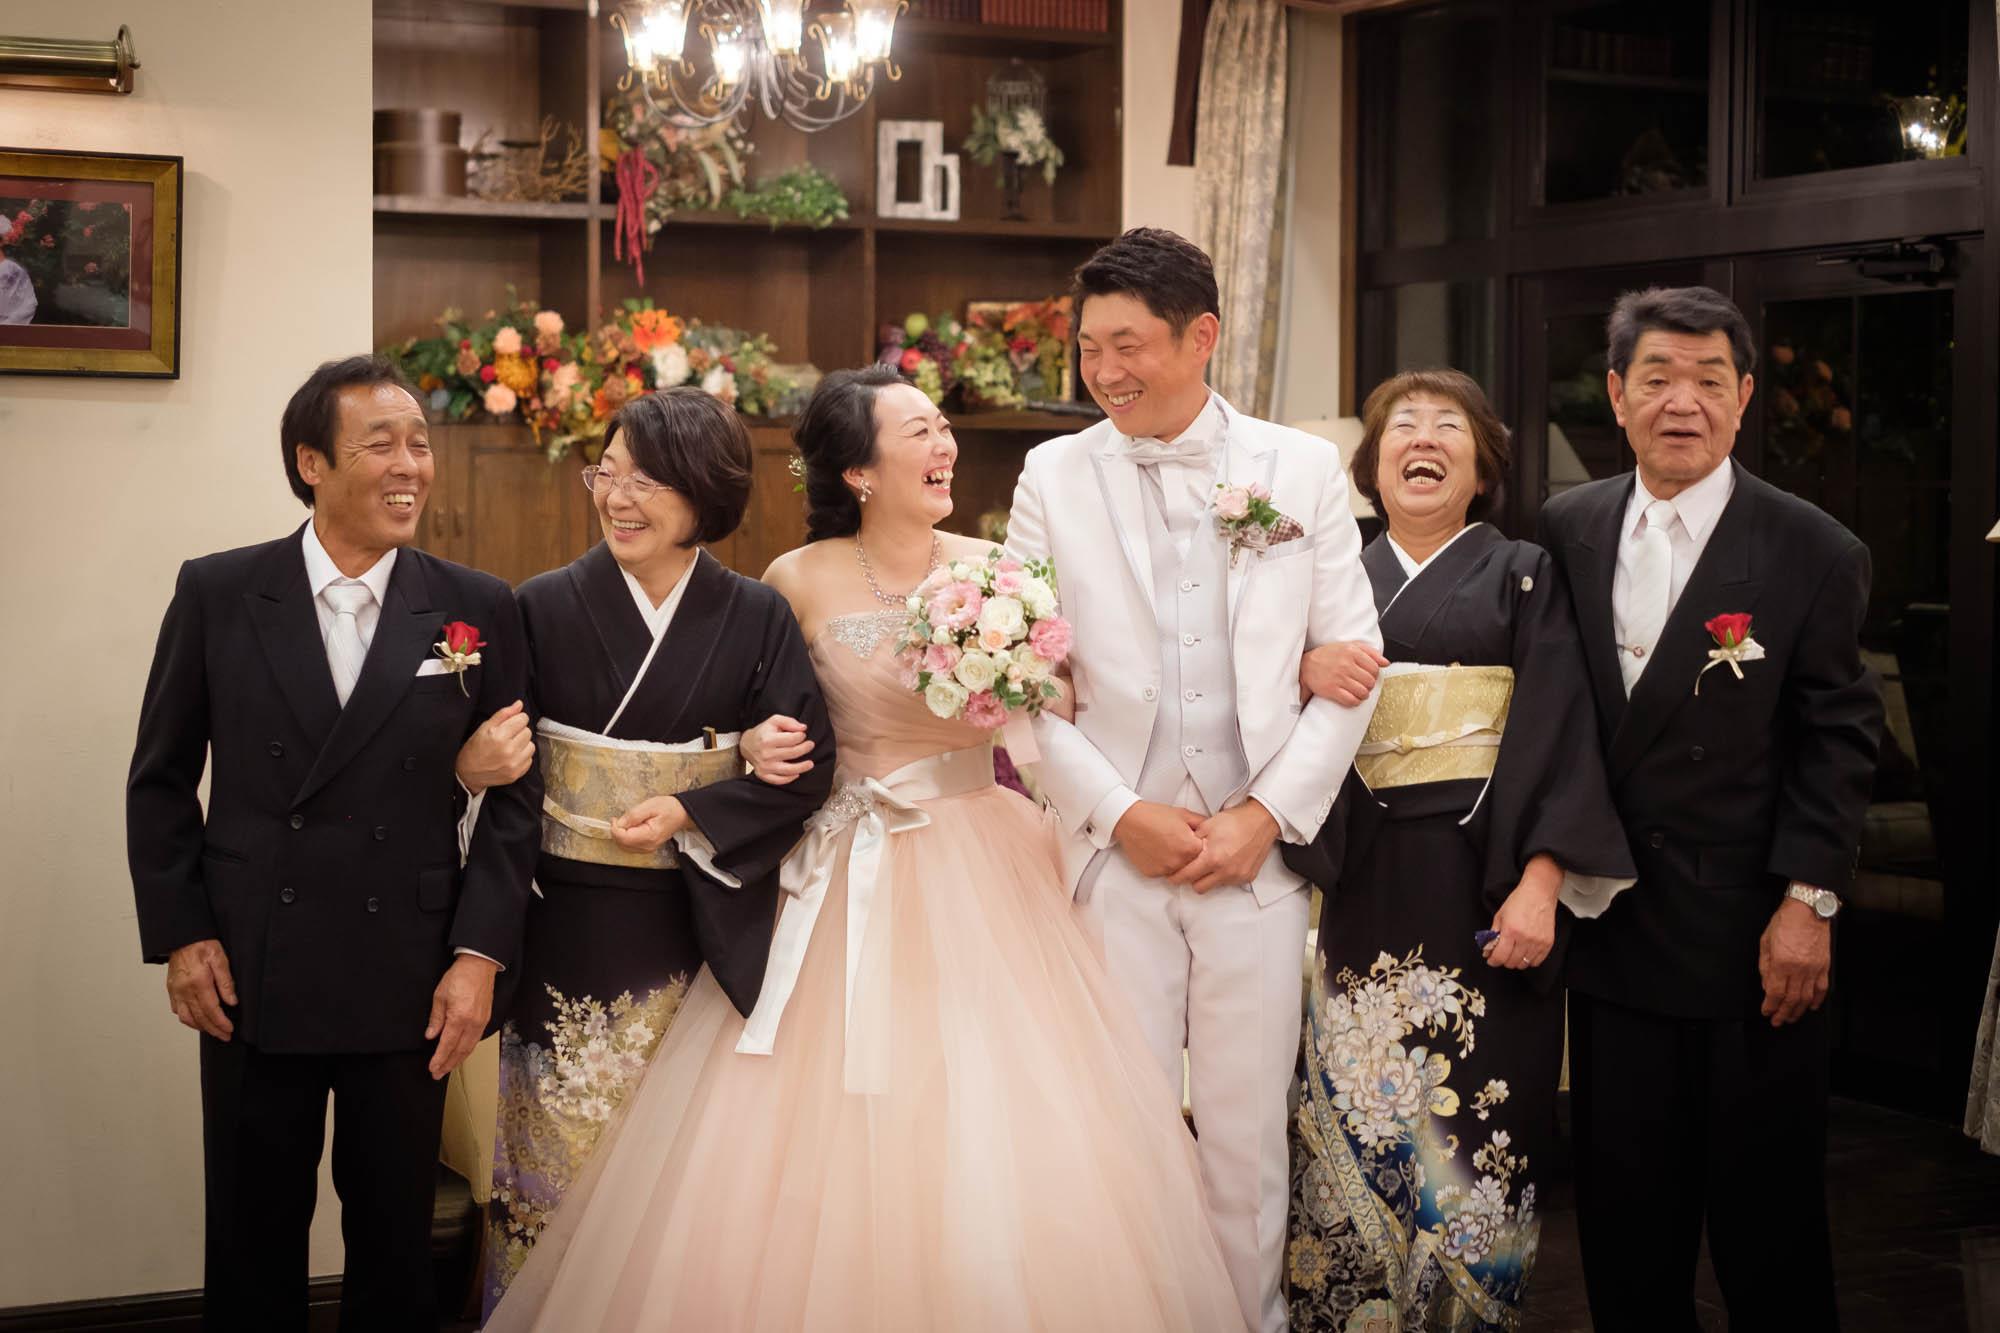 うつる笑顔(ハウスオブブランセで結婚式)